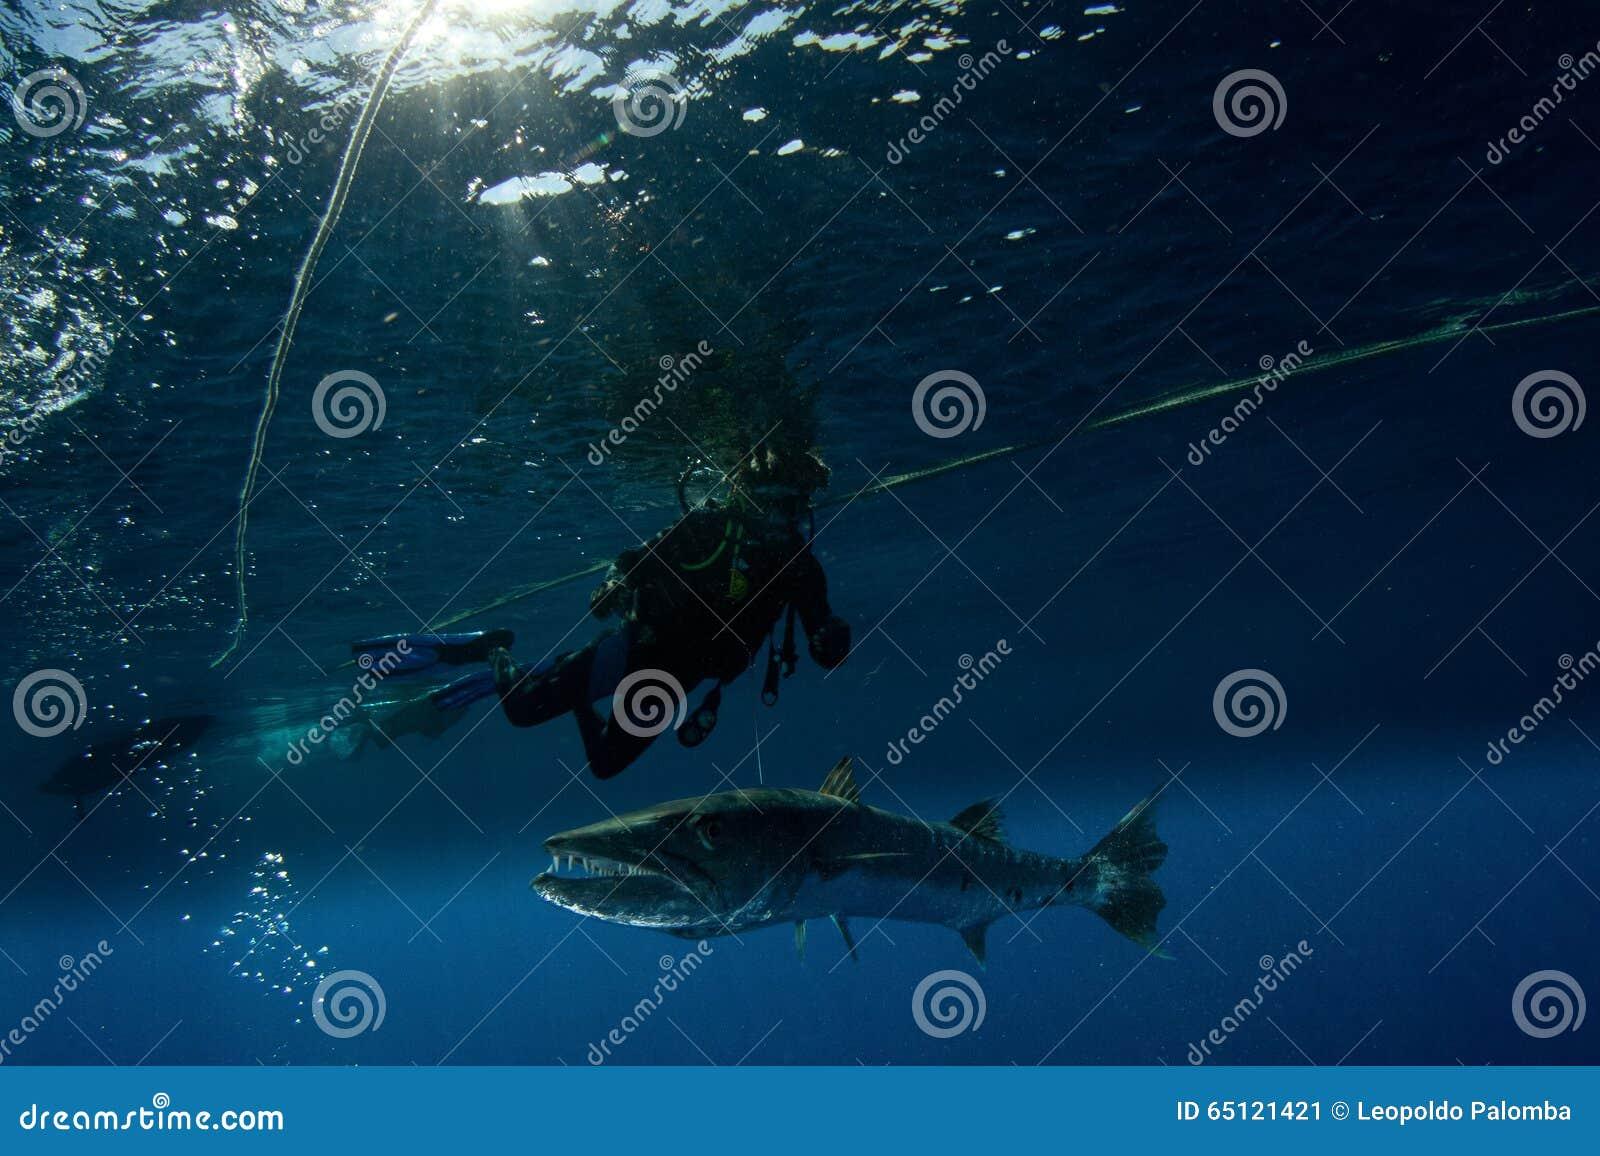 Barracuda and scuba diver